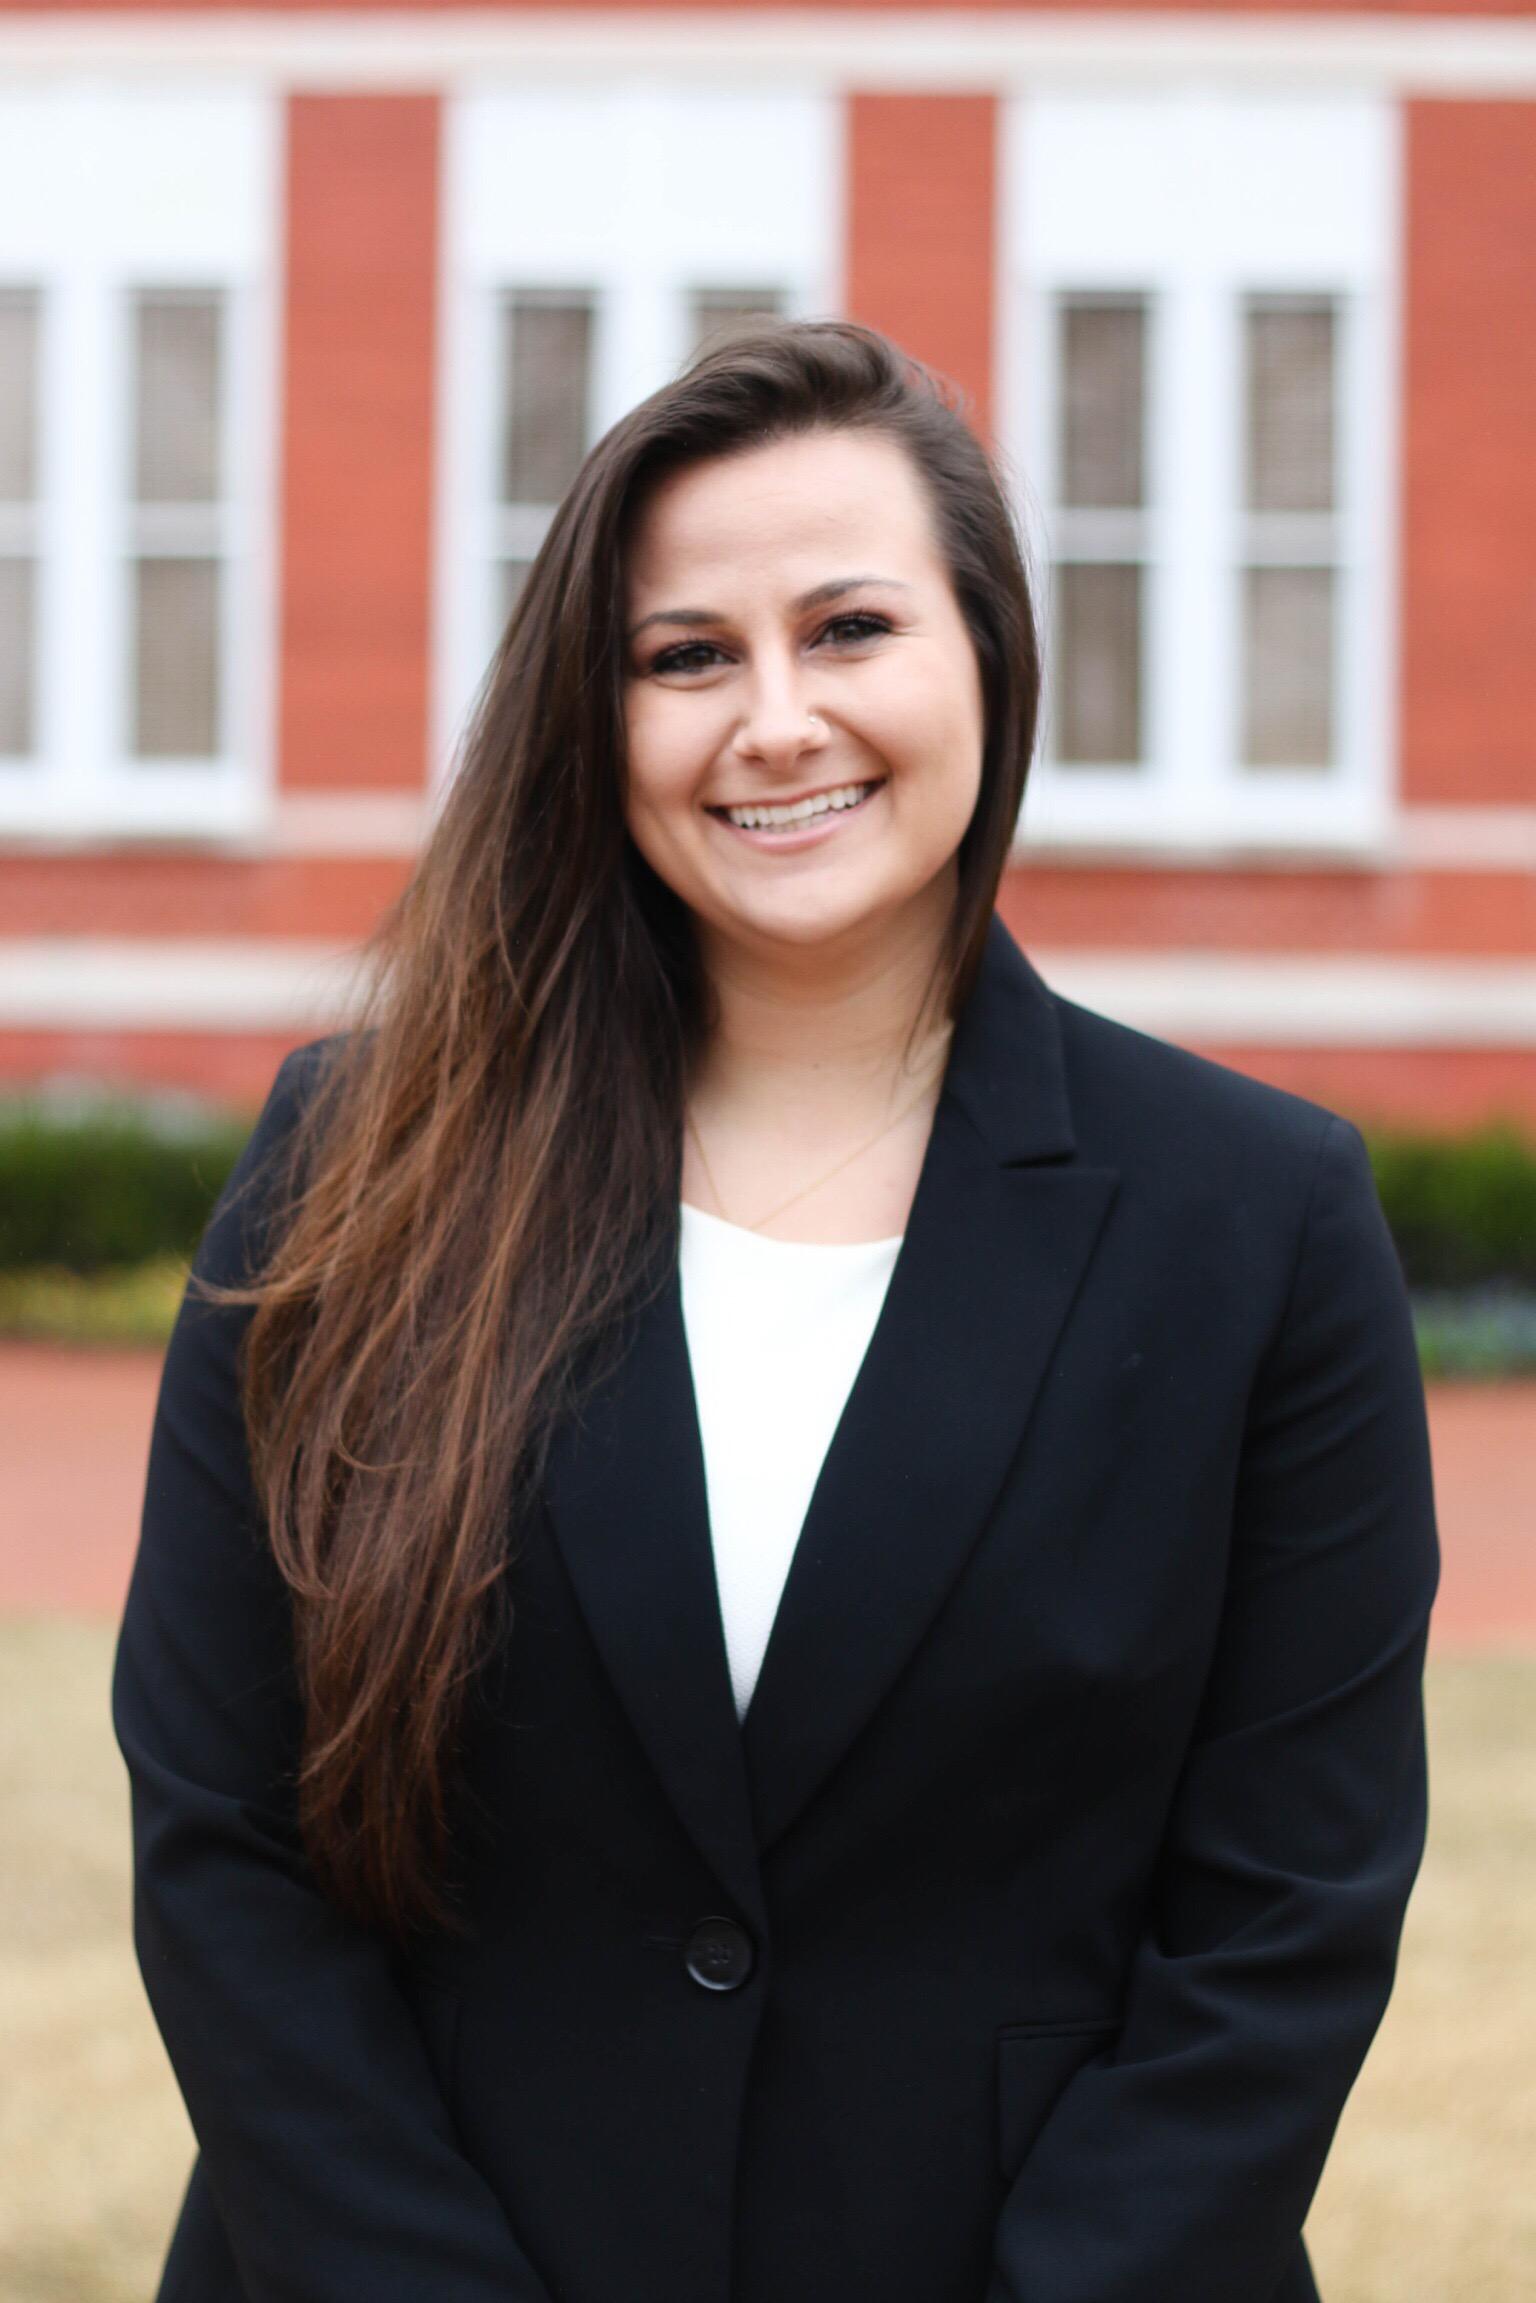 Paige Prylinski